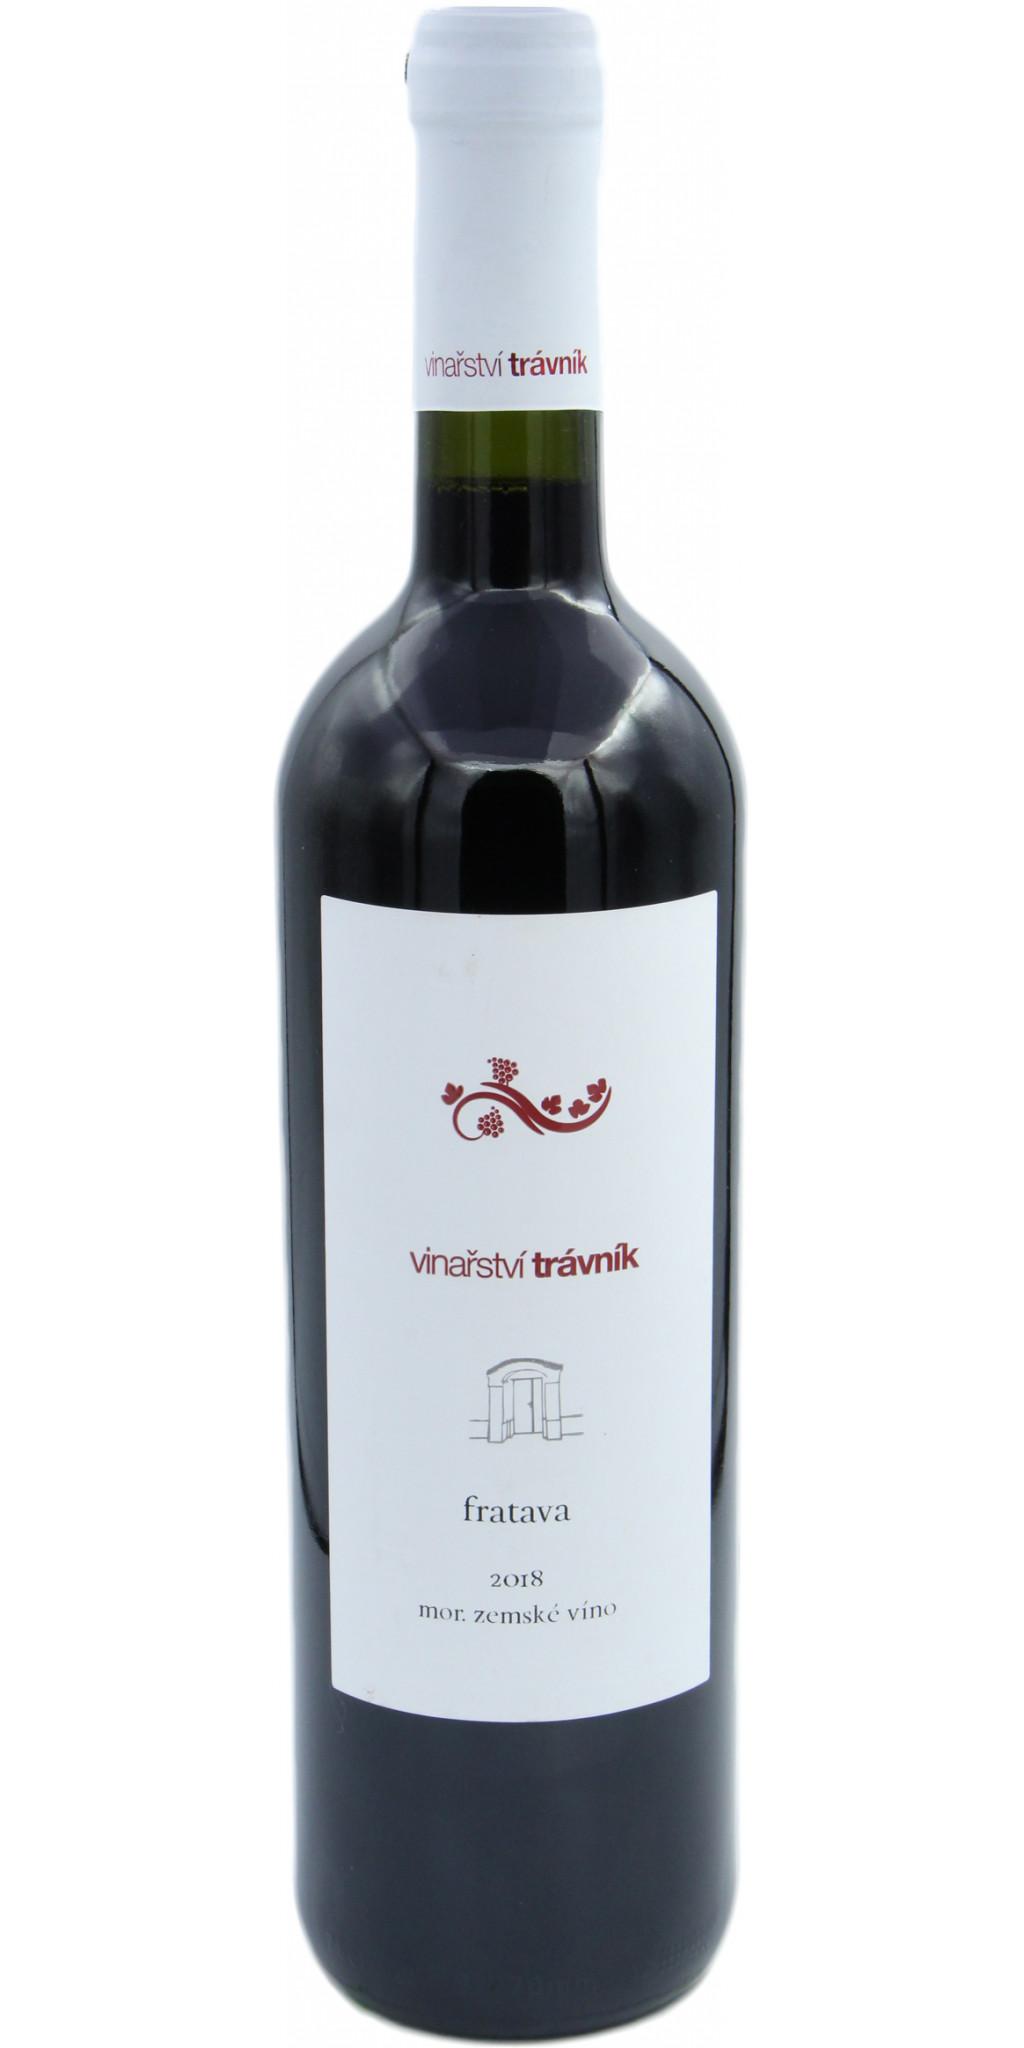 Fratava, suché, zemské víno, 2018